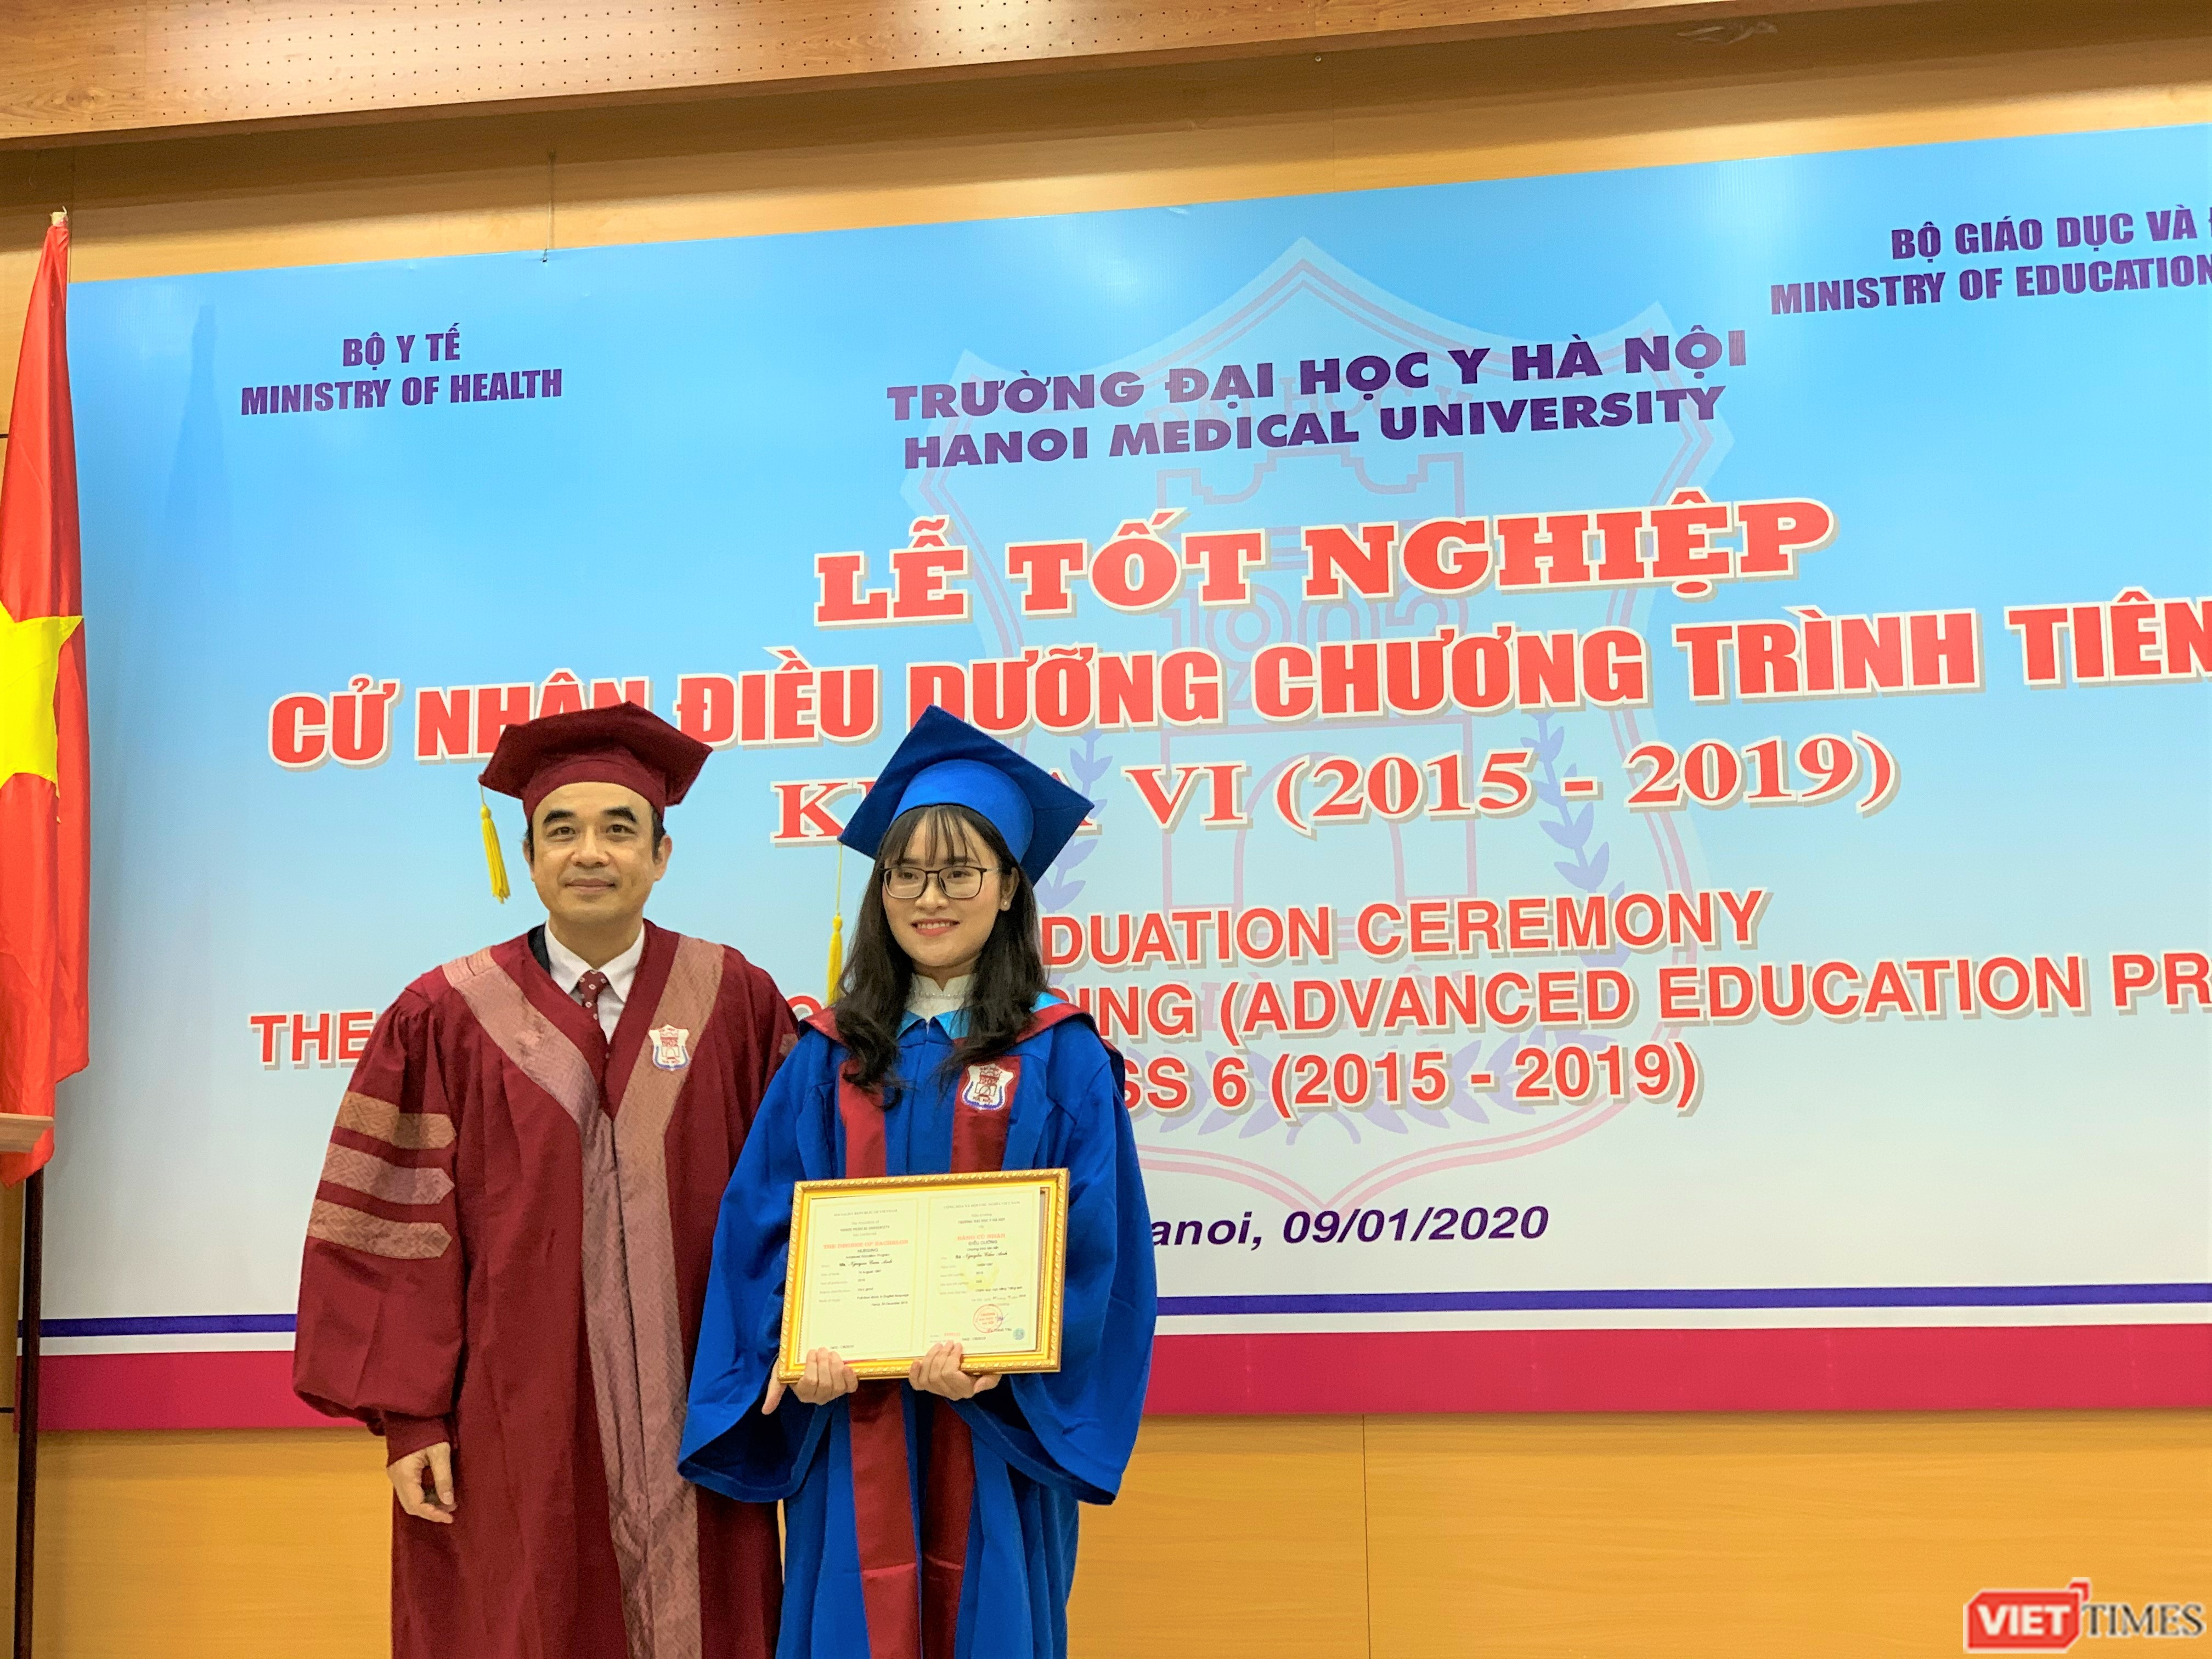 Lãnh đạo nhà trường trao phần thưởng cho sinh viên Nguyễn Cẩm Anh đạt danh hiệu